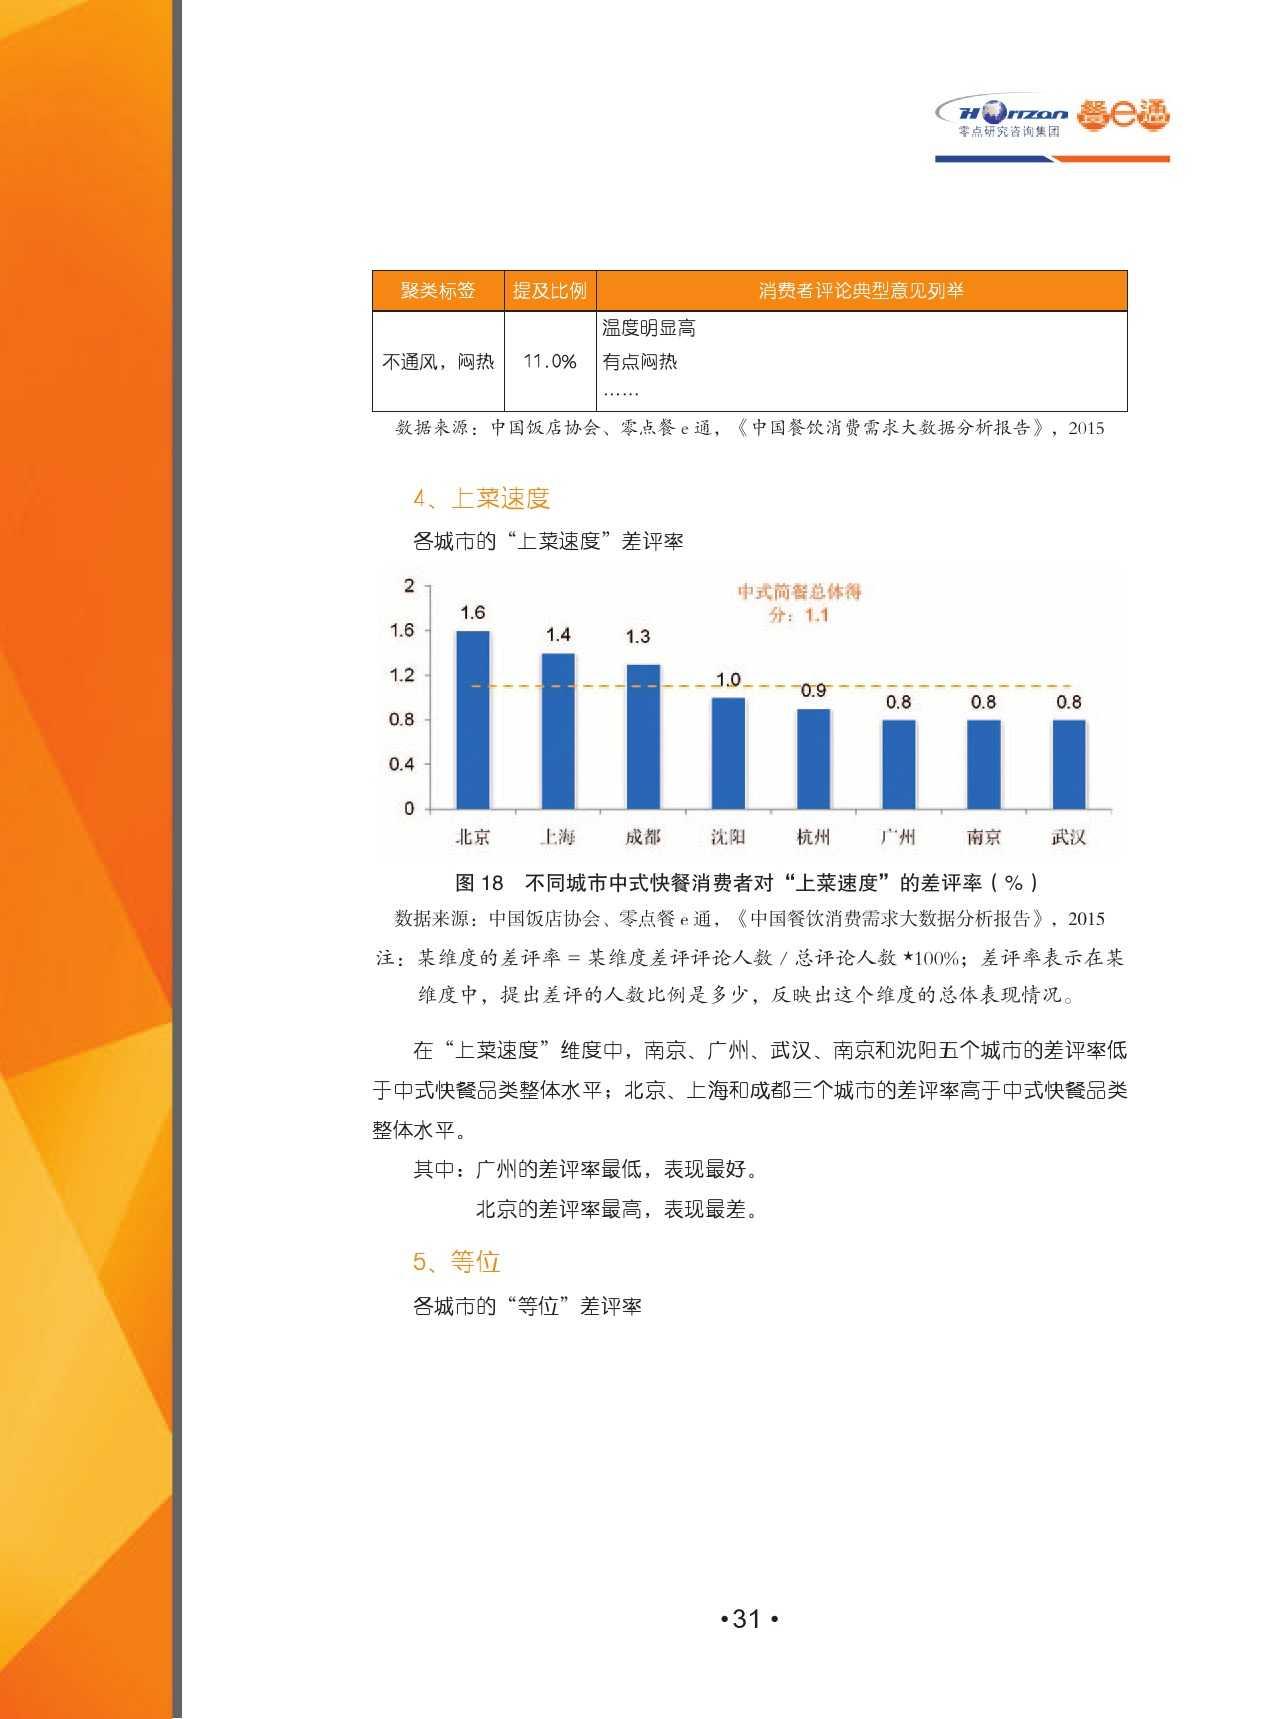 2015中国餐饮消费需求大数据分析报告_000033